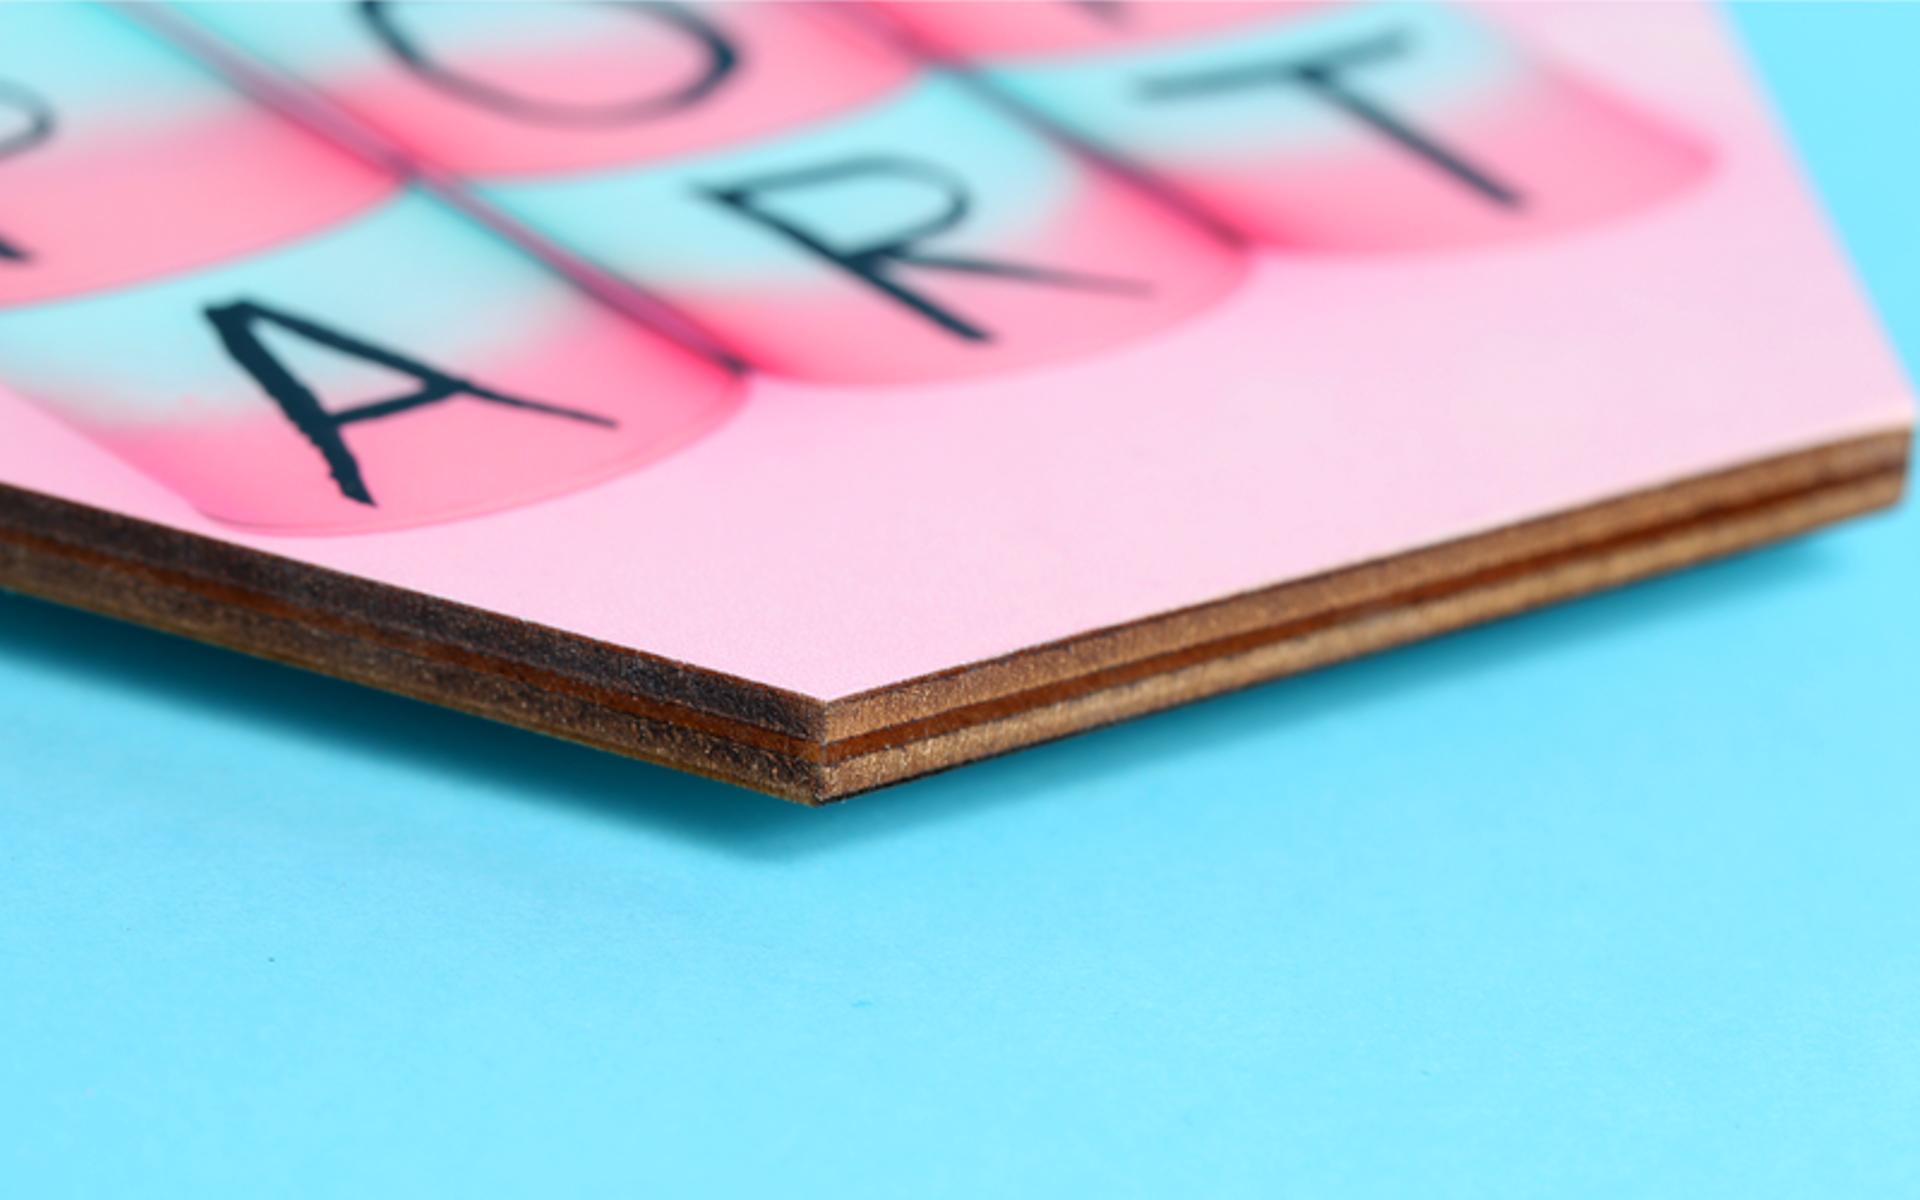 =קיר צורת משושה איכותי עם הדפסת תמונה באיכות פוטו! בגדלים שונים!